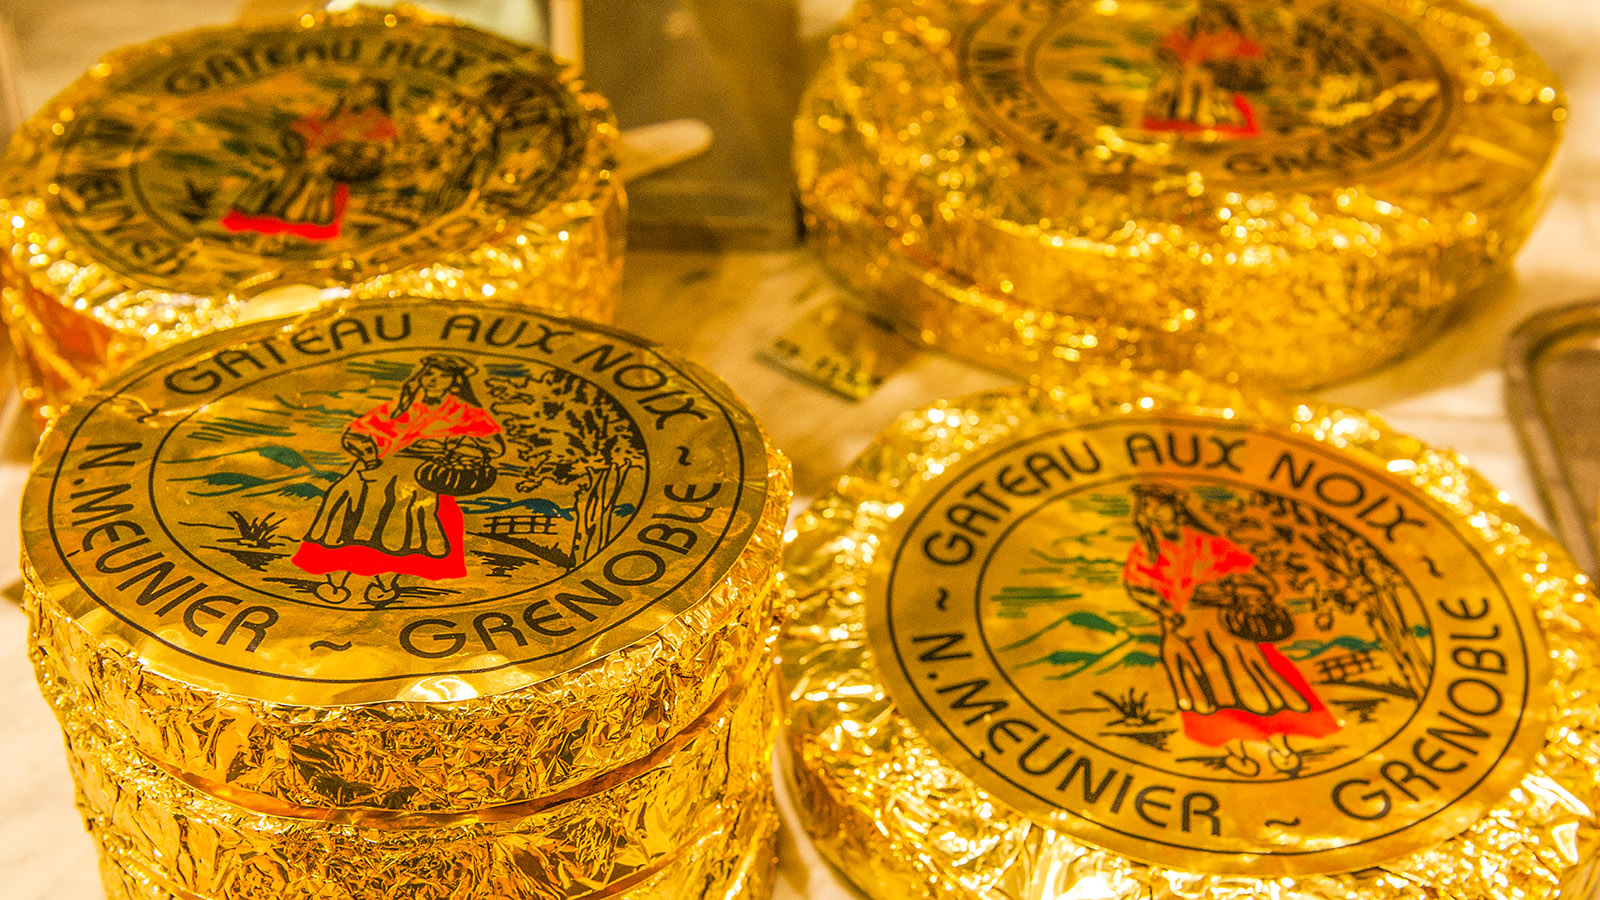 Der Gâteau au noix von Norbert Meunier ist edel in Goldfolie verpackt - so bleibt er frisch und saftig. Foto: Hilke Maunder